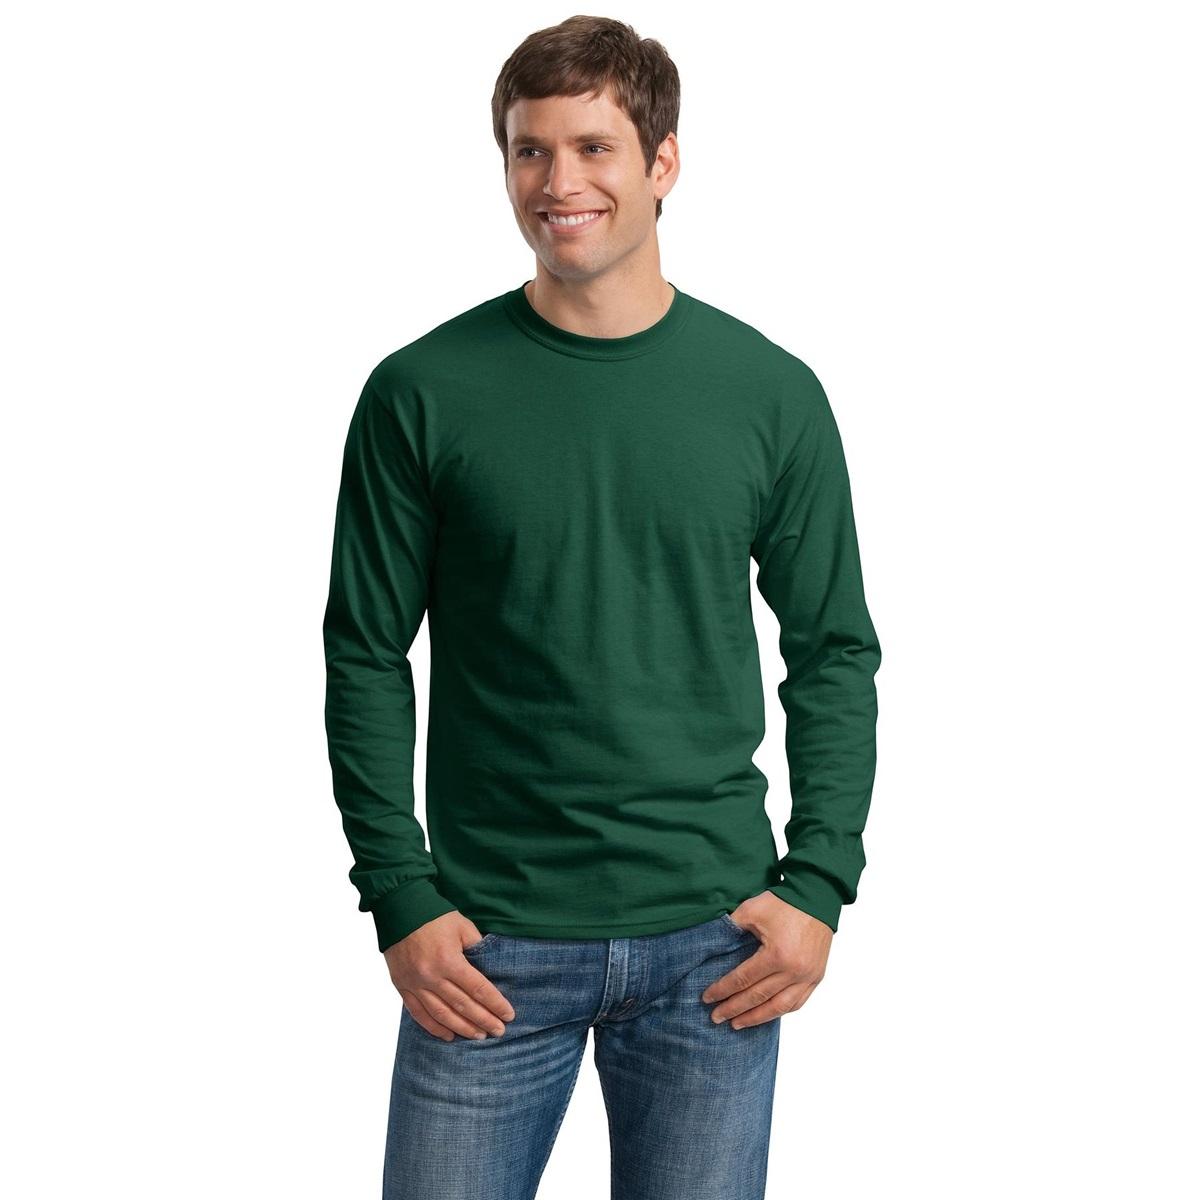 Gildan g2400 ultra cotton long sleeve t shirt forest for Long sleeve cotton tee shirts